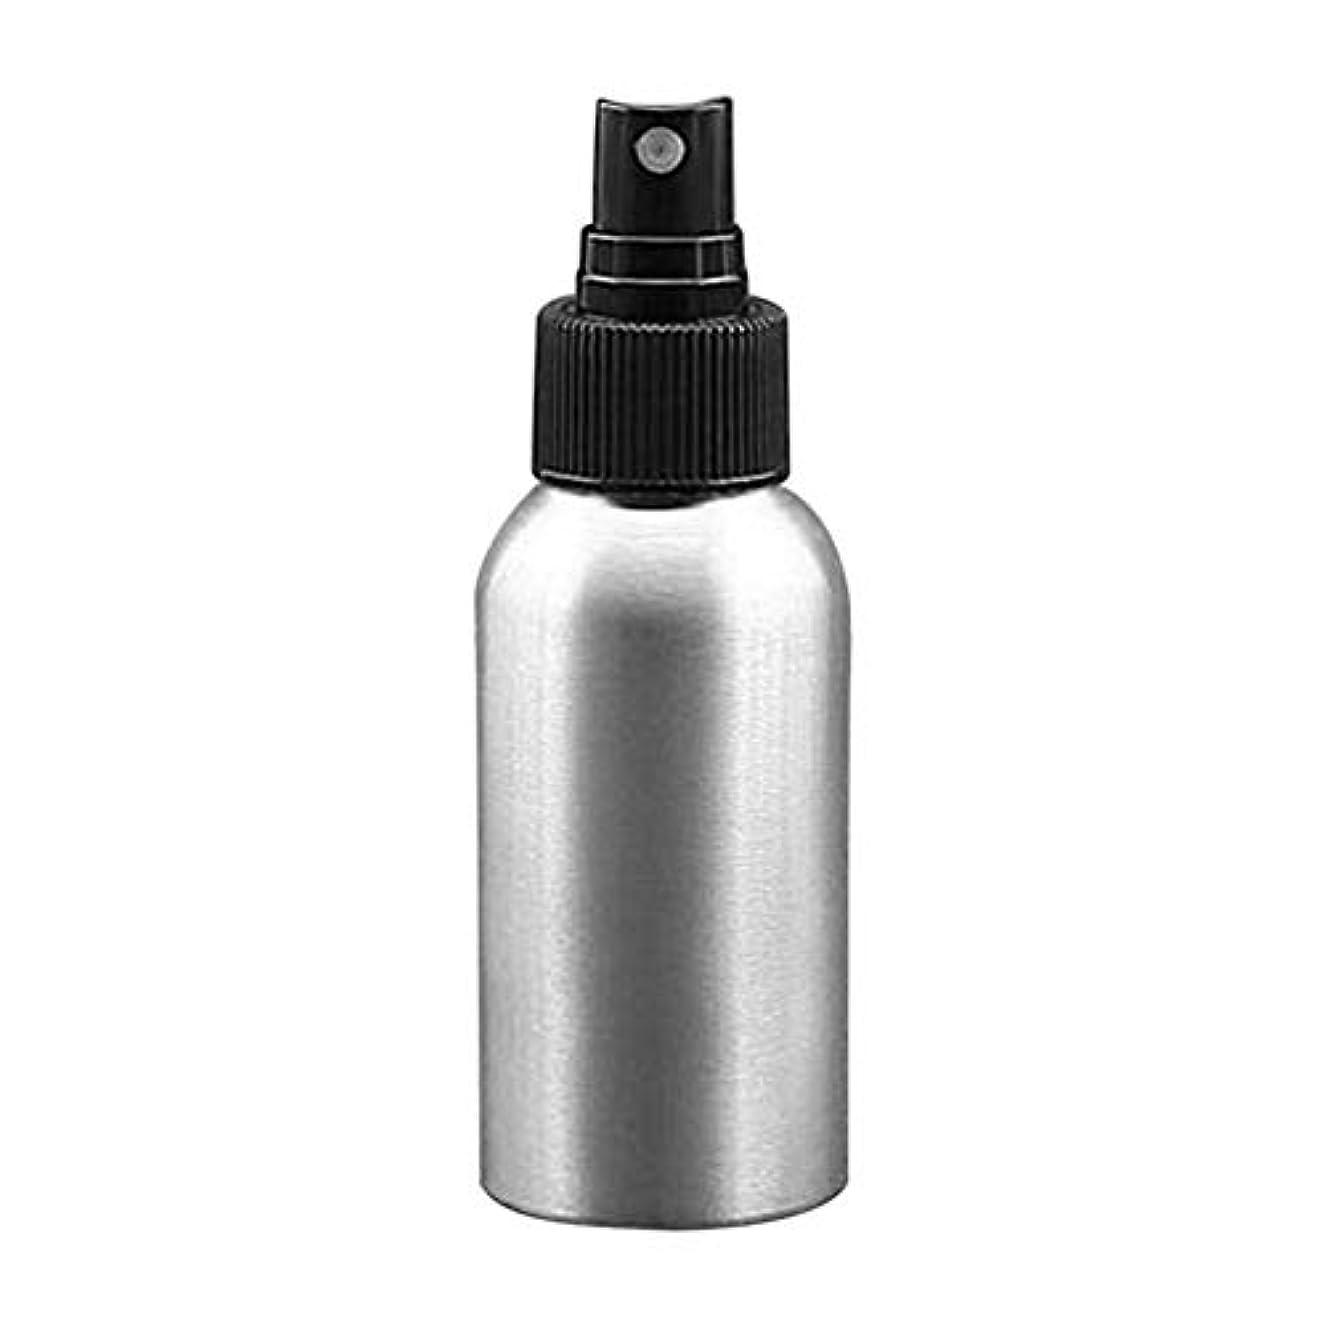 言うまでもなくデータベースキネマティクスアルミスプレーボトル 小分けボトル トラベルボトル 美容ボトル 霧吹き ガラスボトル 漏れ防止 化粧水 美容液 遮光 化粧品ボトル おしゃれ 精製水 詰替ボトル 詰め替え ミニ 携帯便利 軽量 旅行用 アルミニウム